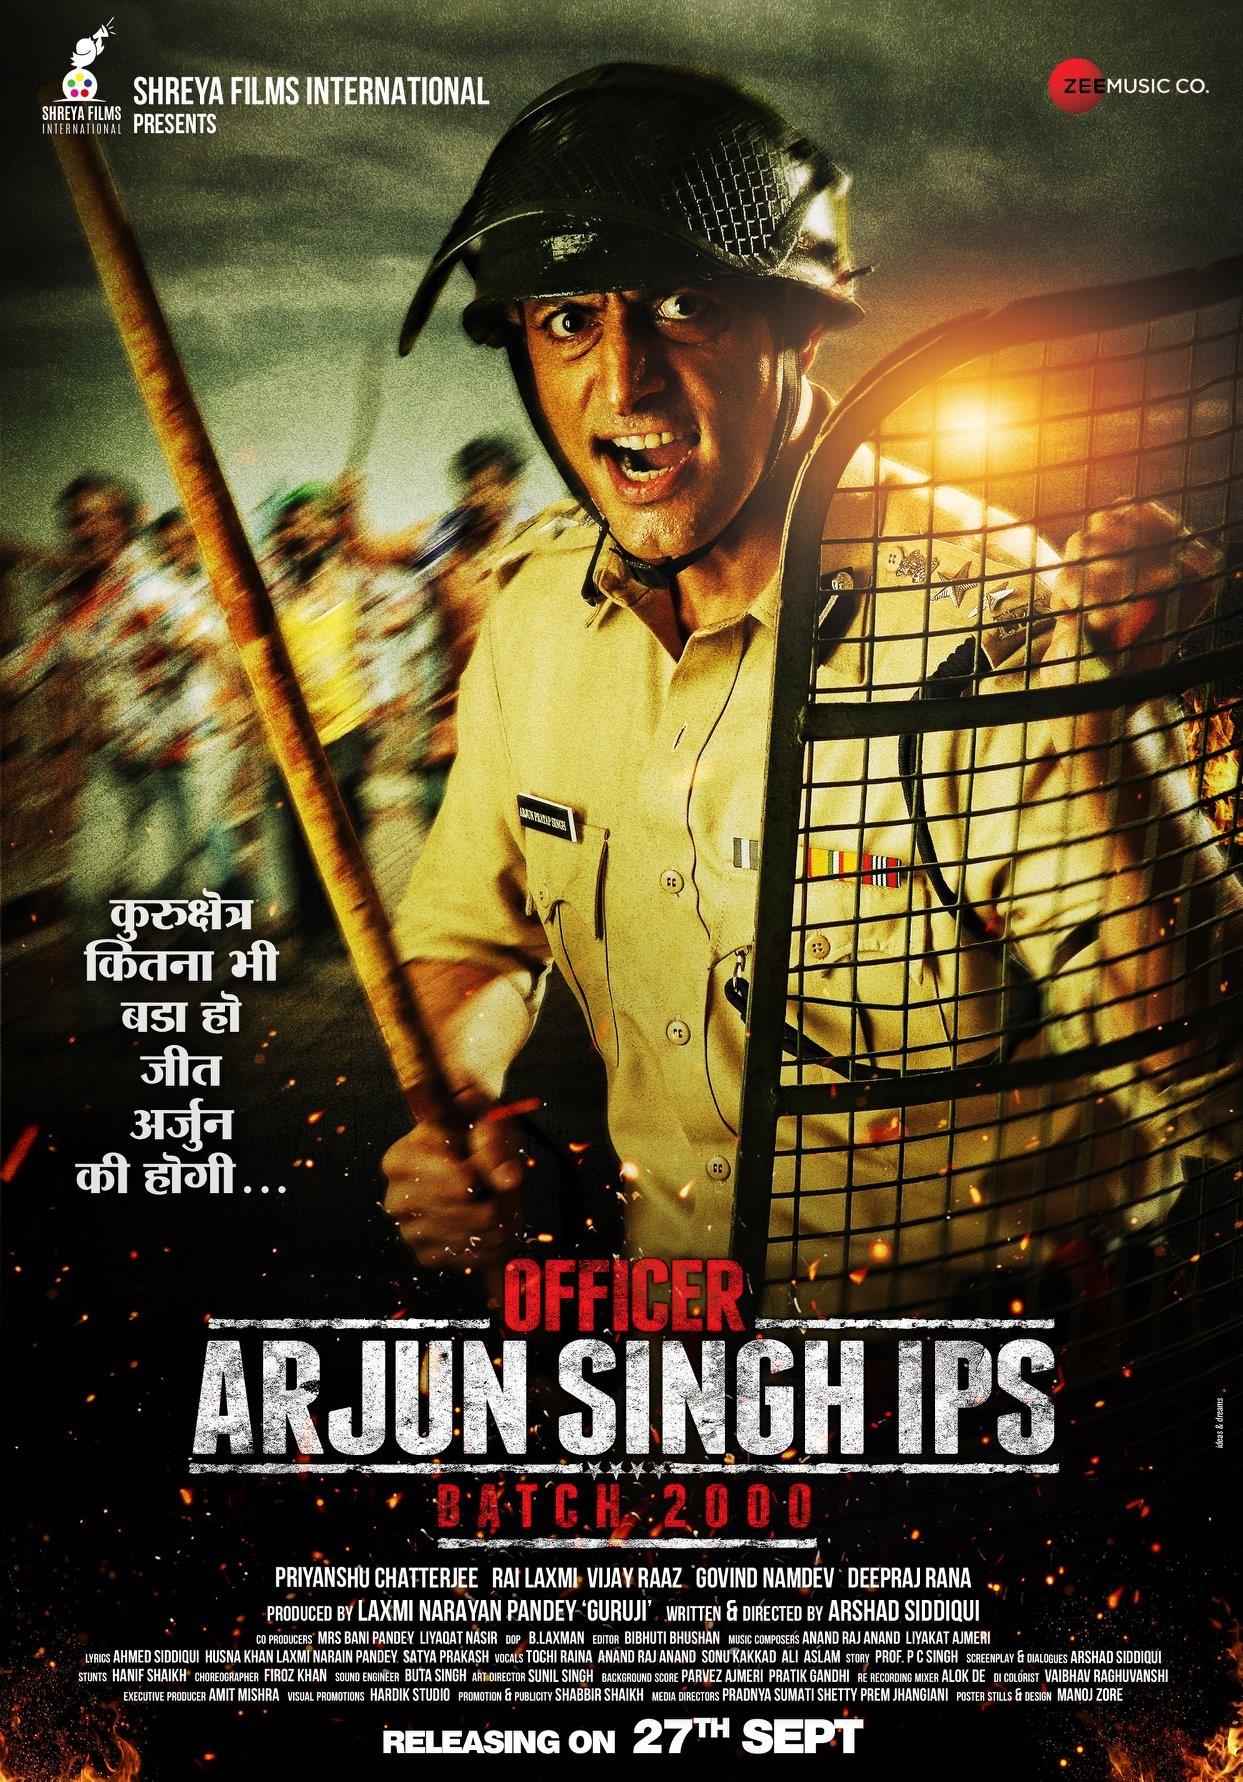 Officer Arjun Singh IPS Tamil Dubbed TamilRockers